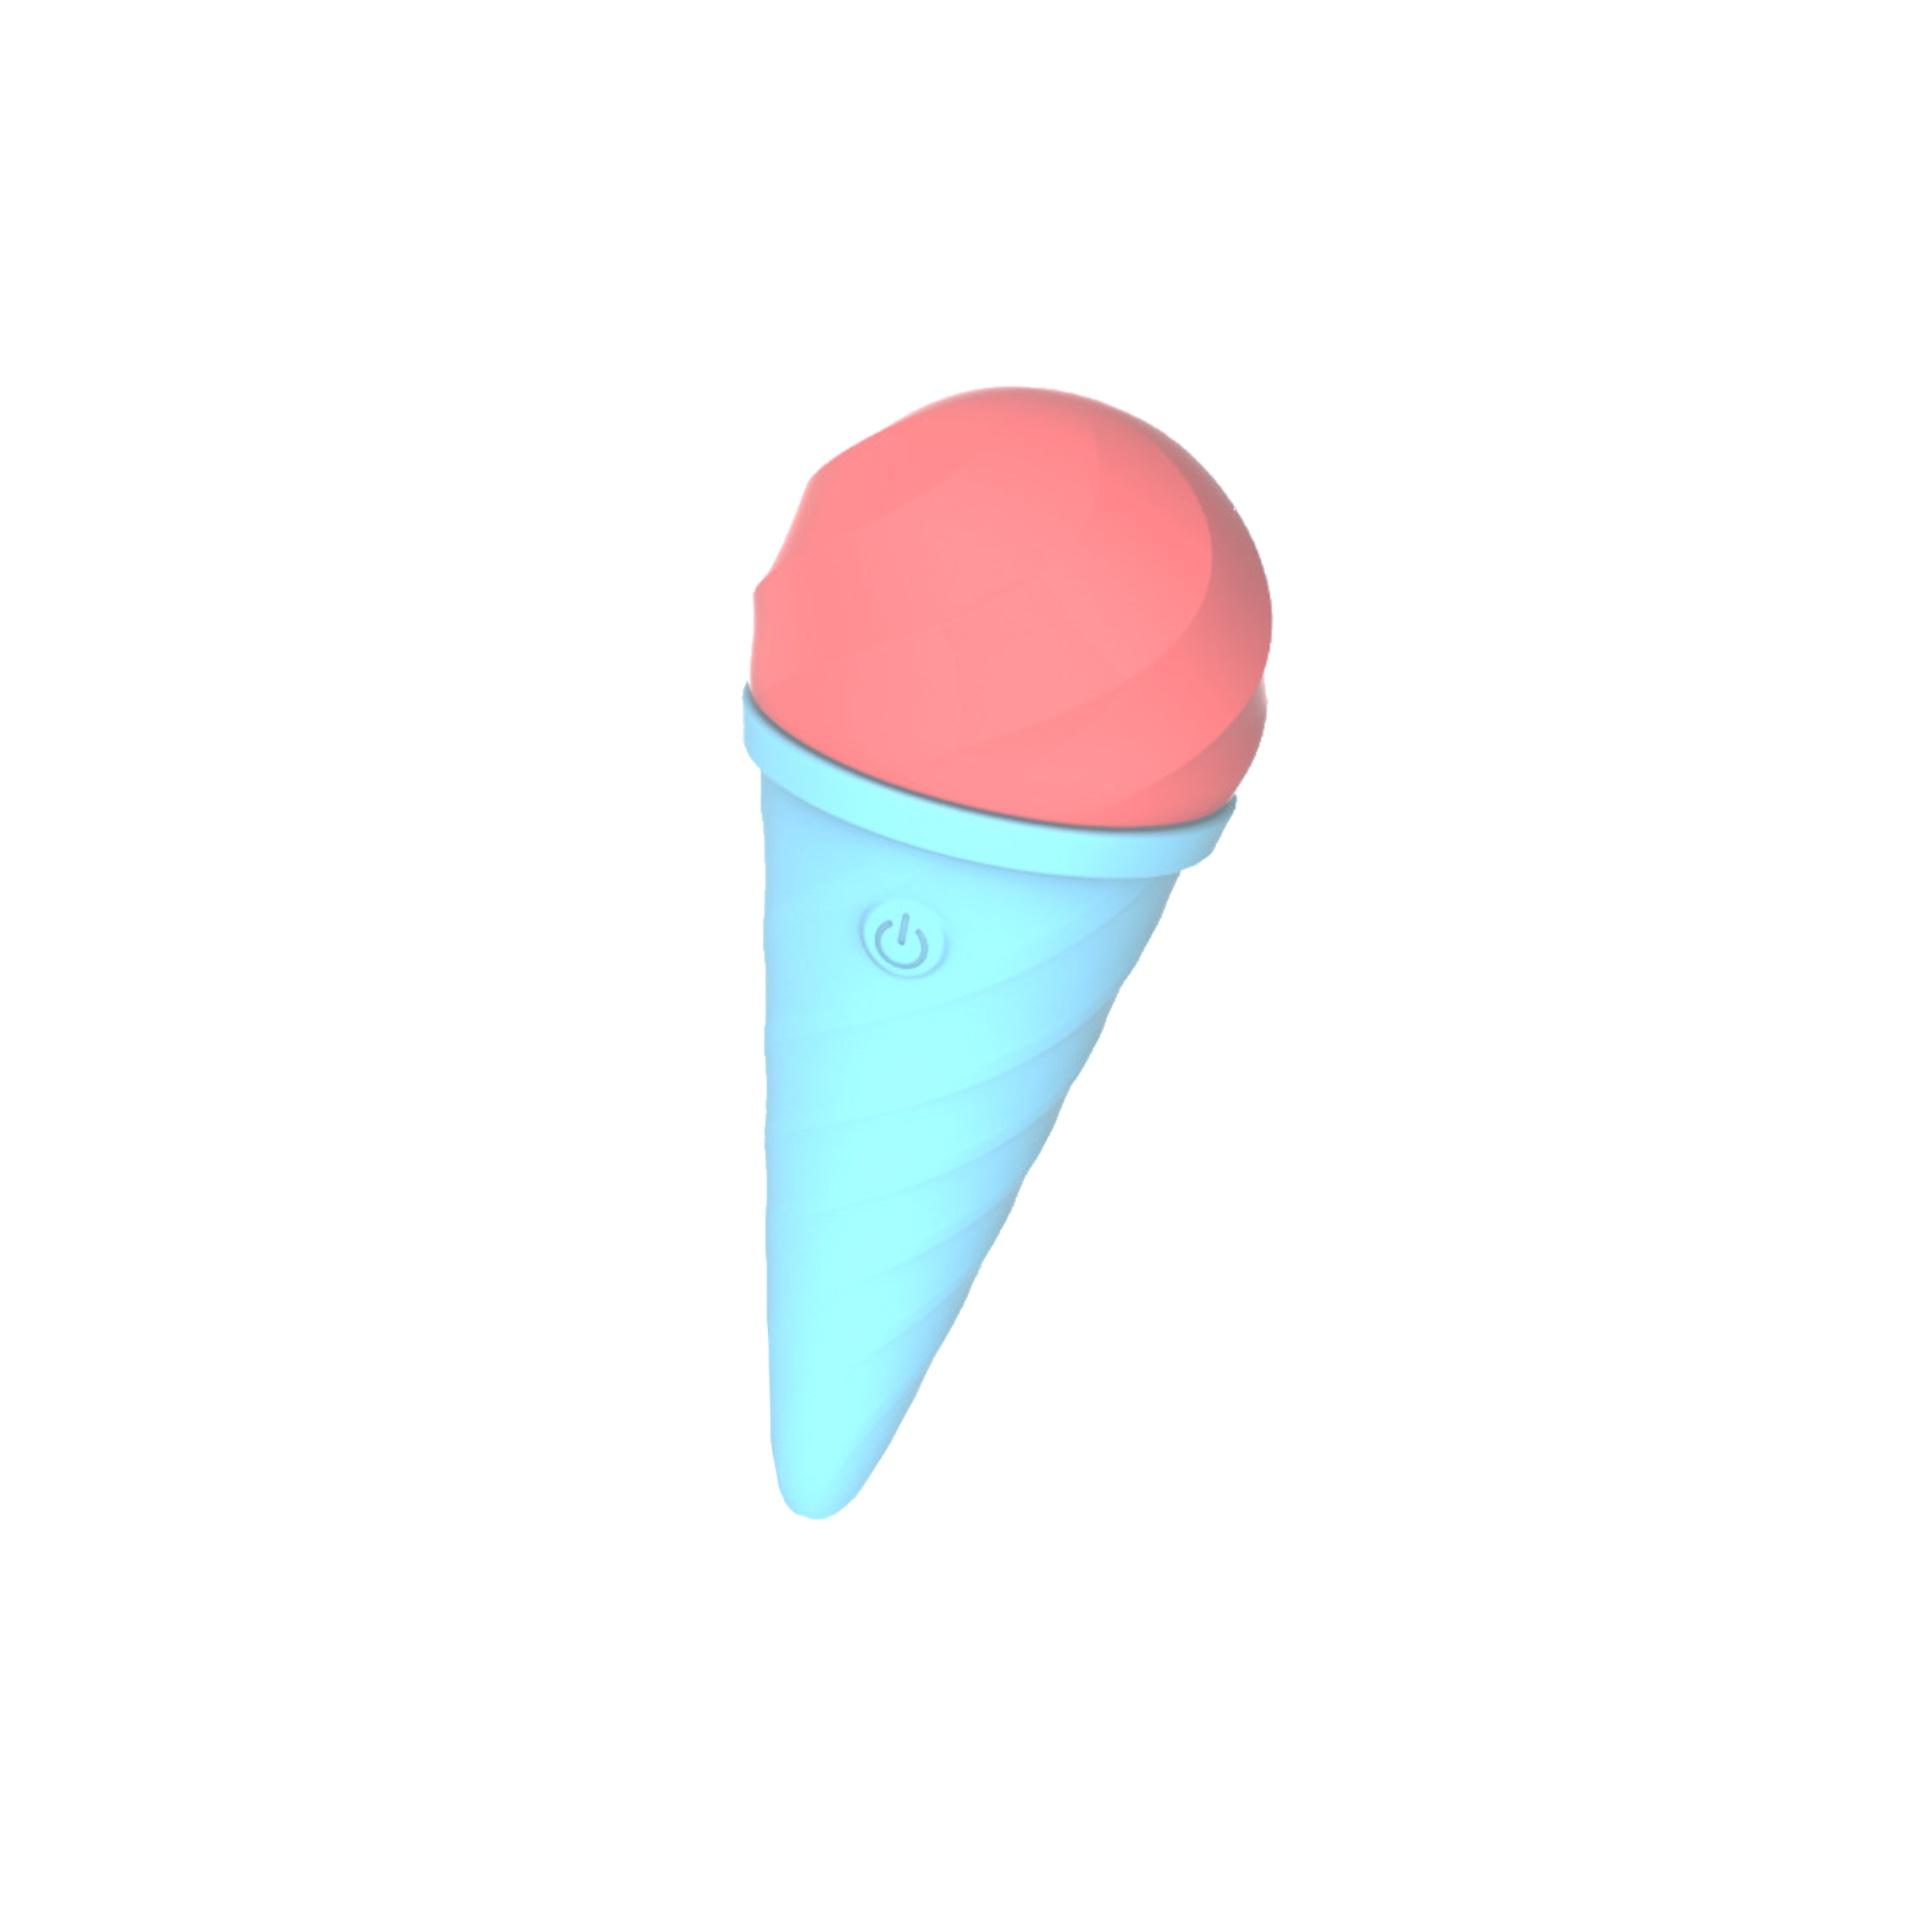 炎炎夏日的冰淇淋GV棒